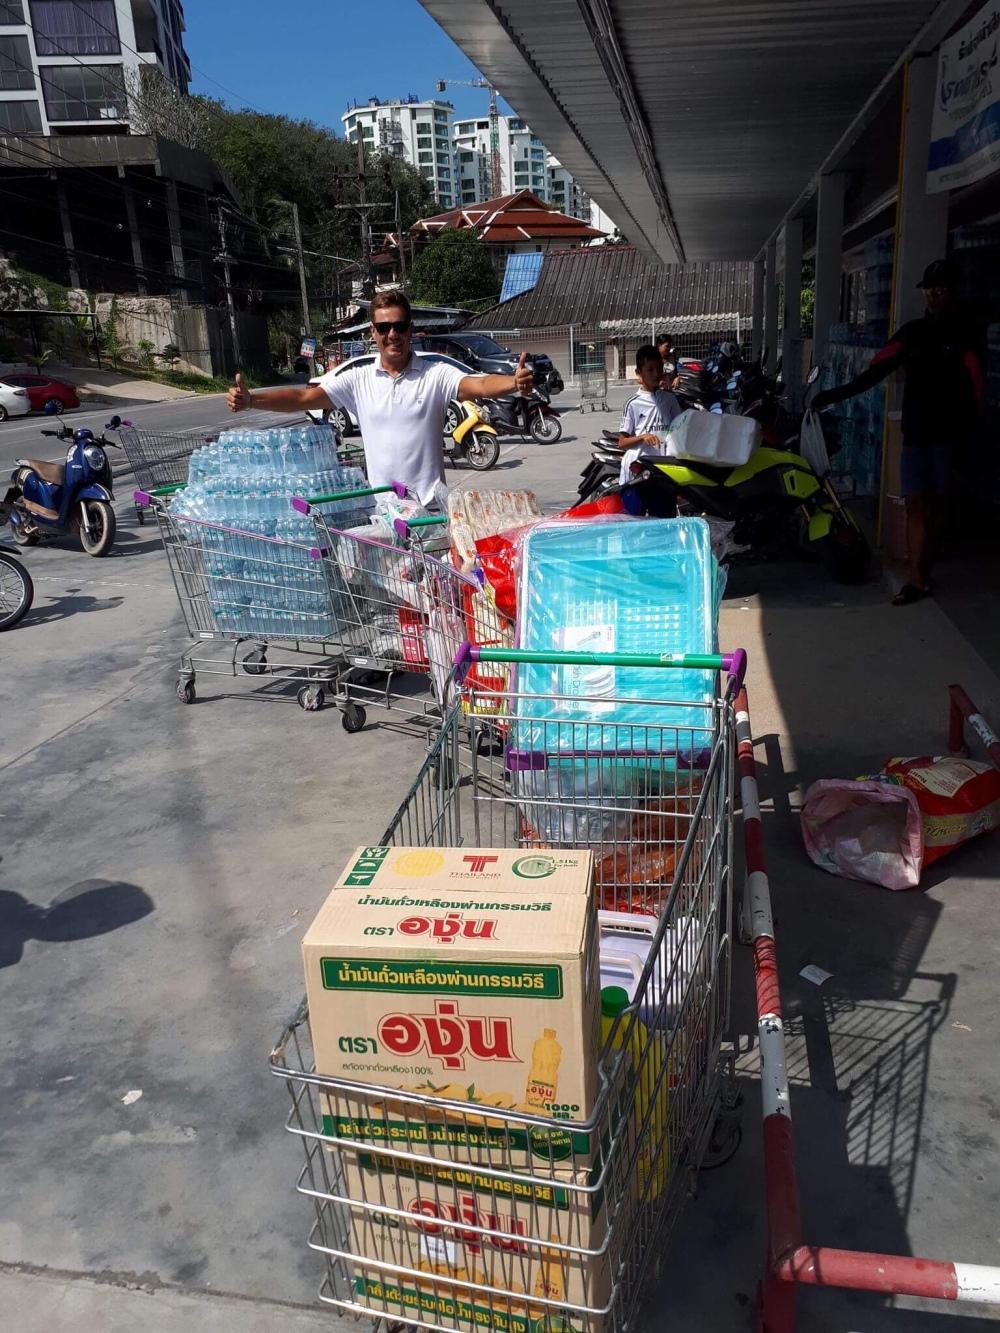 Barnhem i Thailand fick hjälp av svenskar.